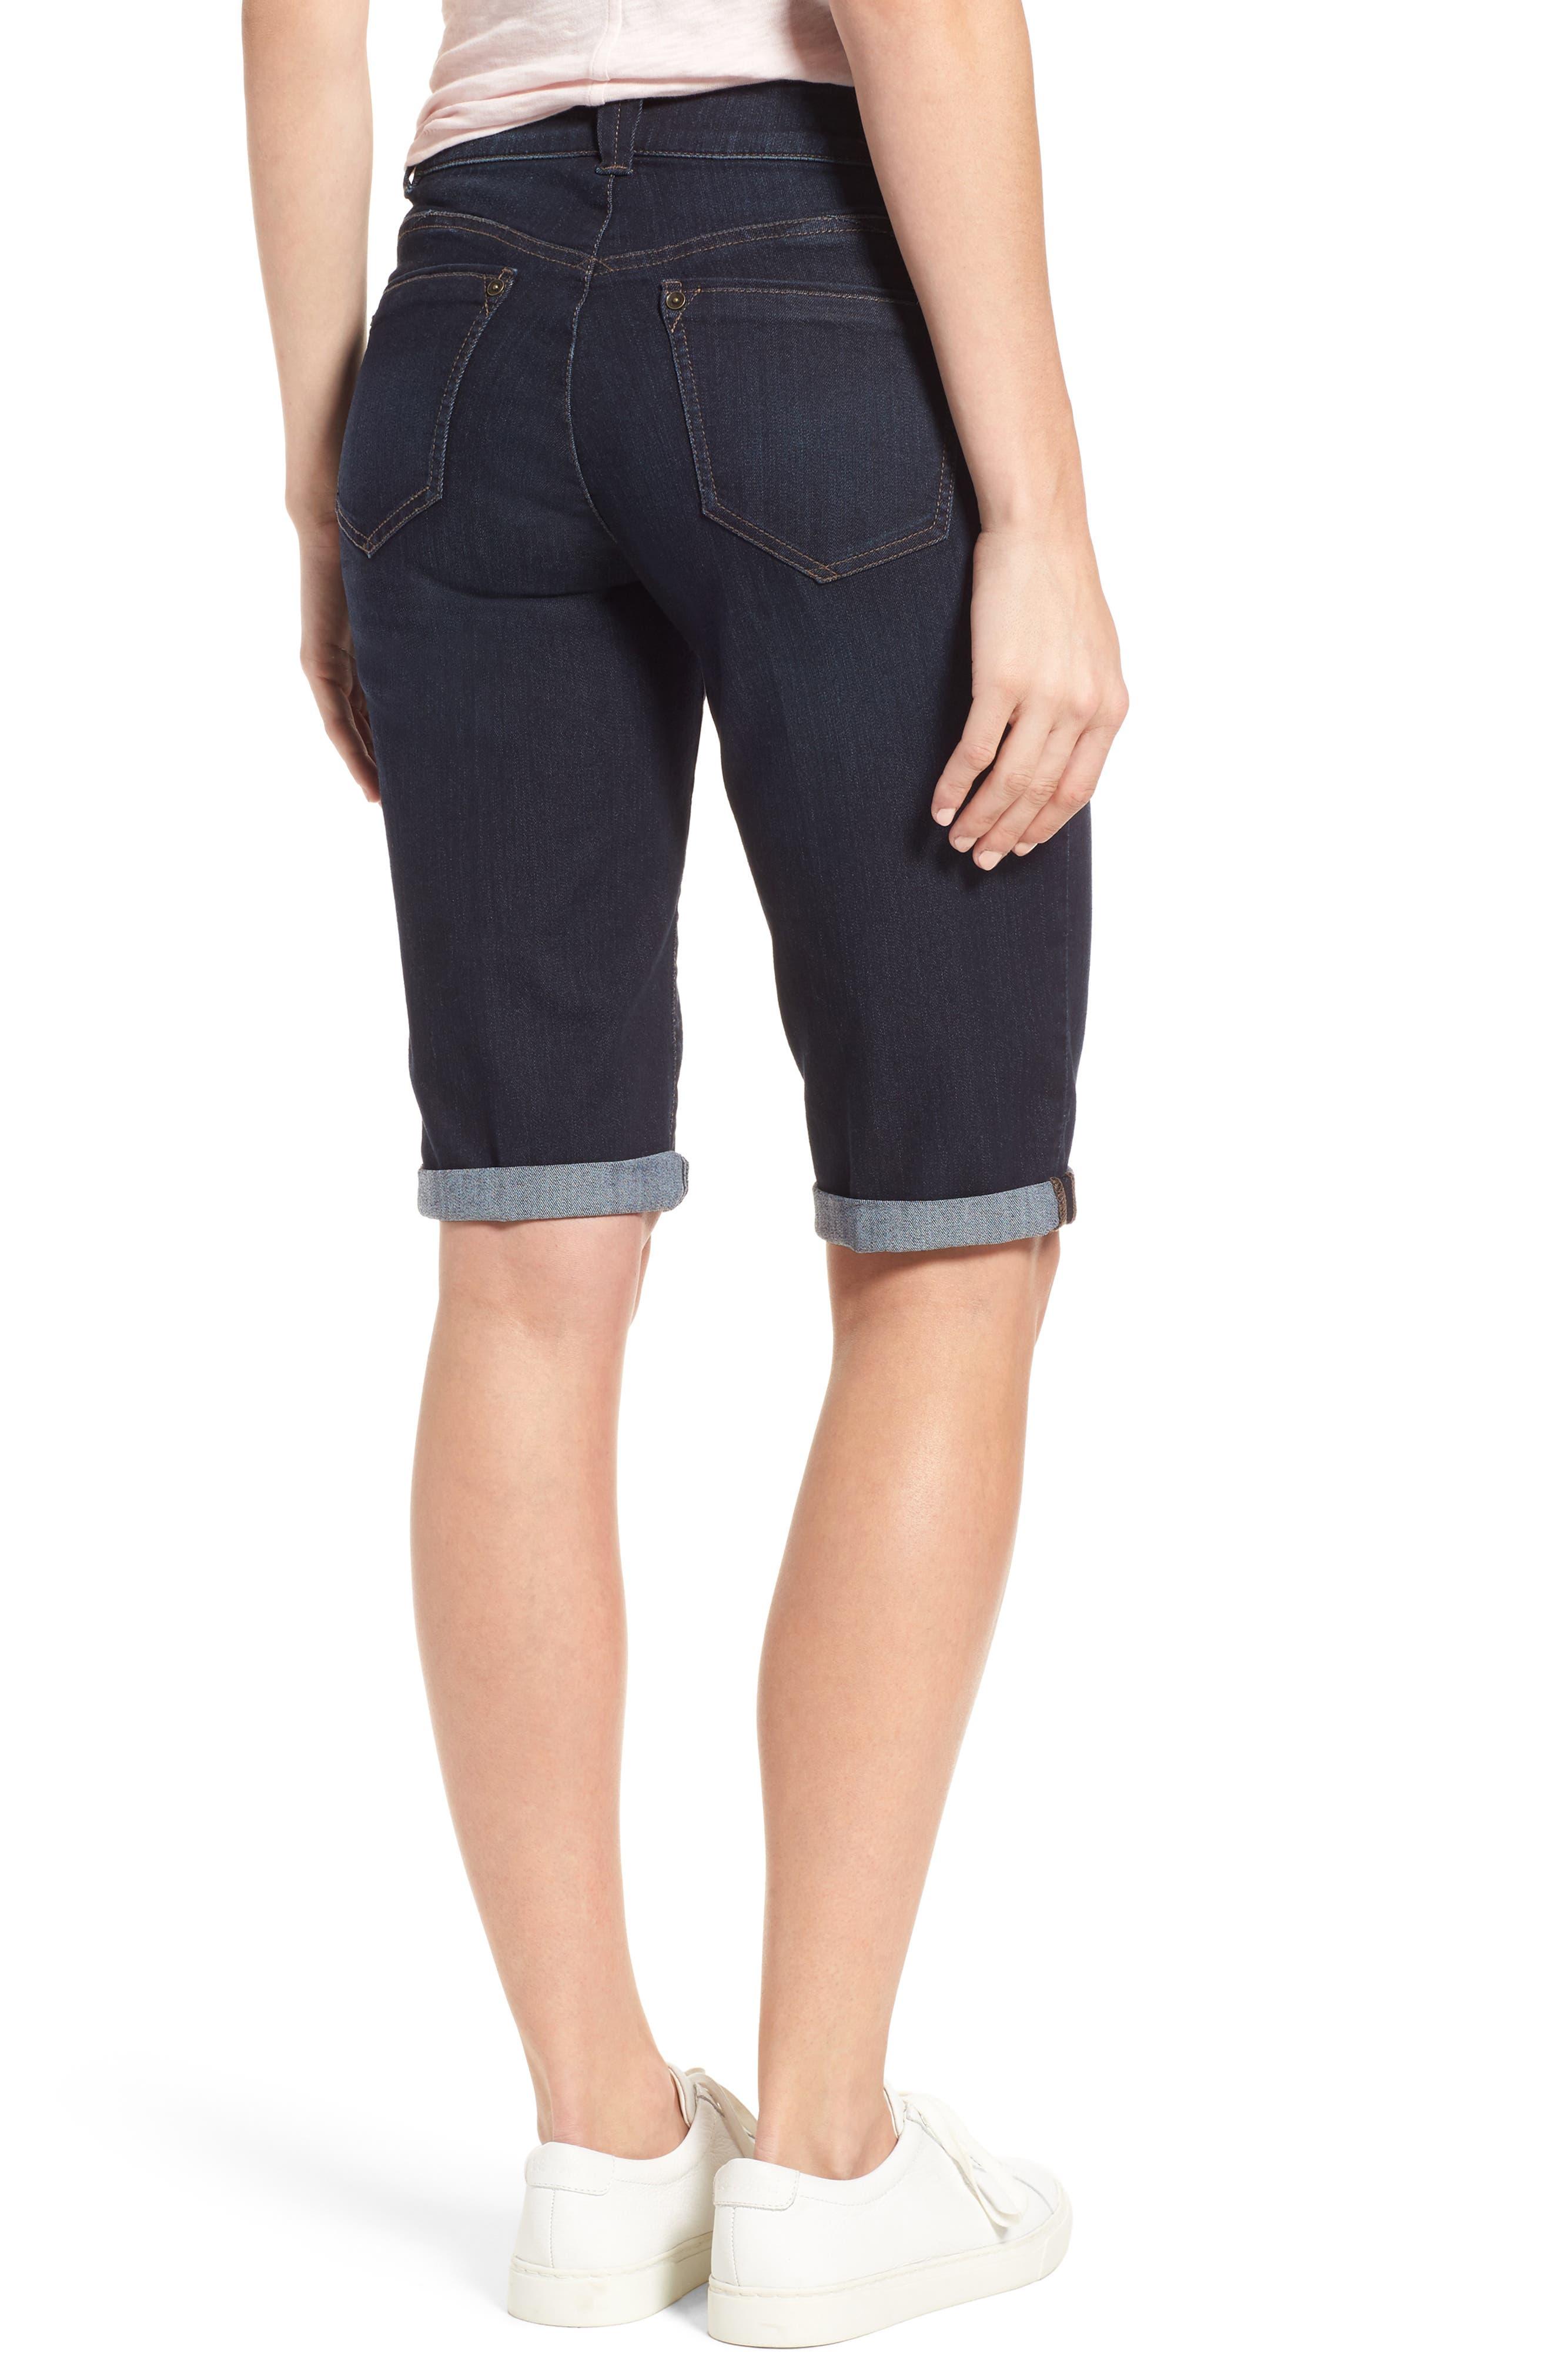 Alternate Image 2  - Wit & Wisdom Ab-solution Denim Bermuda Shorts (Regular & Petite) (Nordstrom Exclusive)